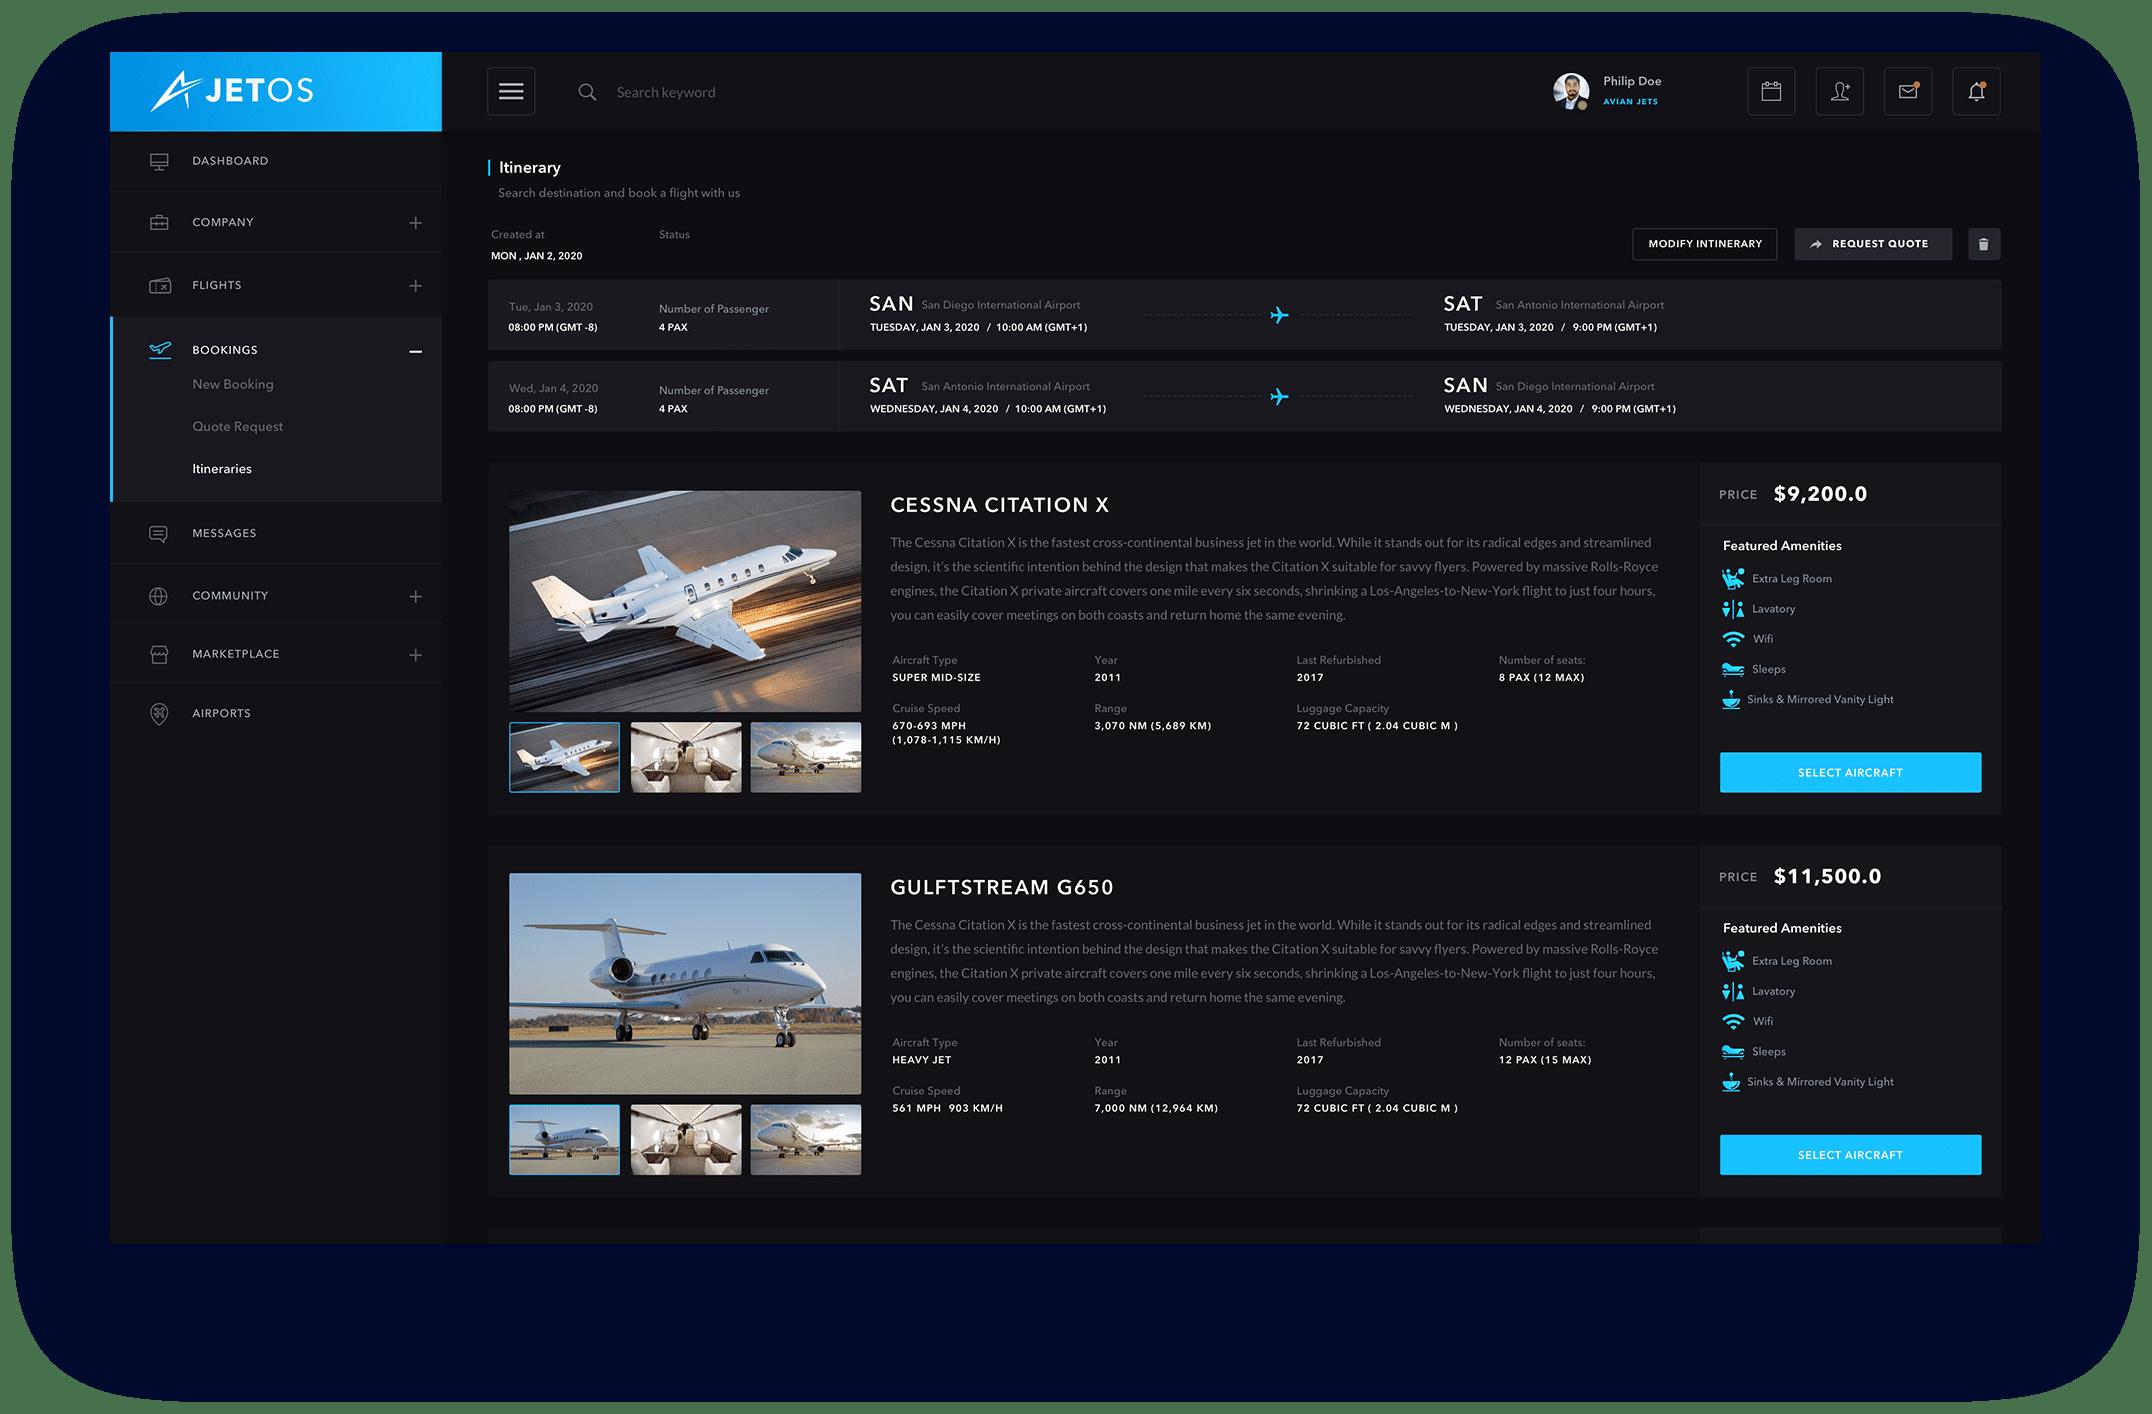 JetOS Select Aircraft